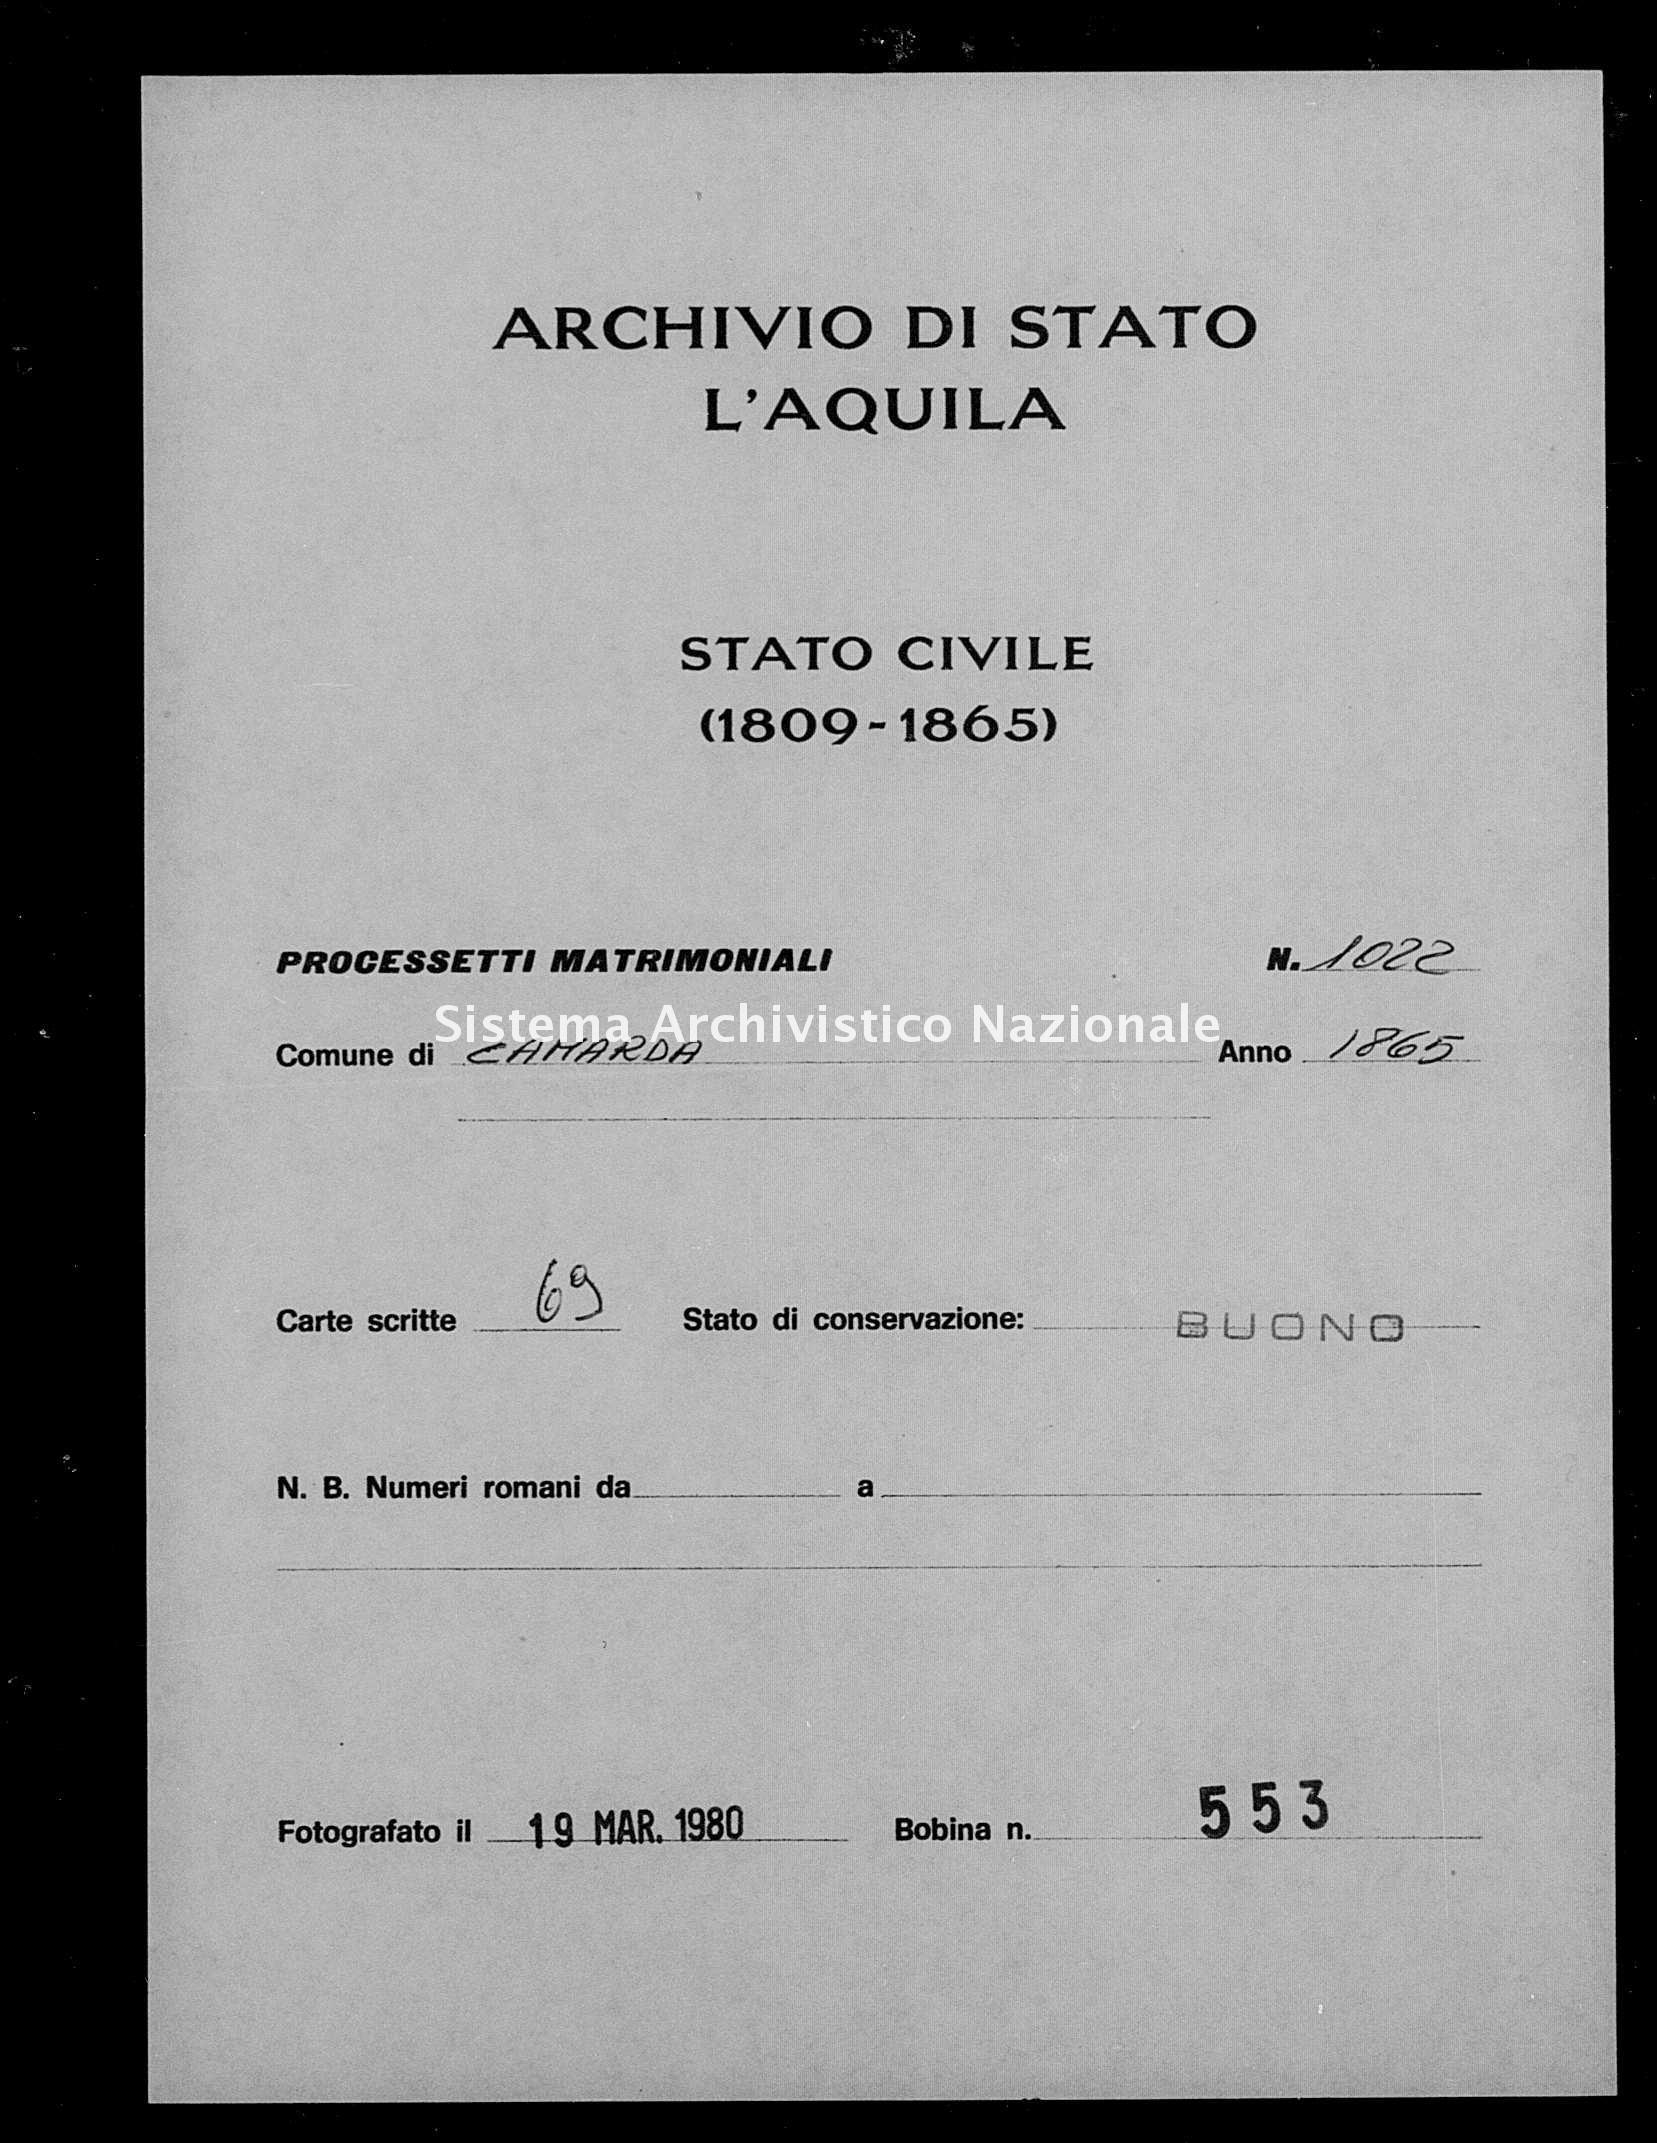 Archivio di stato di L'aquila - Stato civile italiano - Camarda - Matrimoni, processetti - 1865 - 1022 -